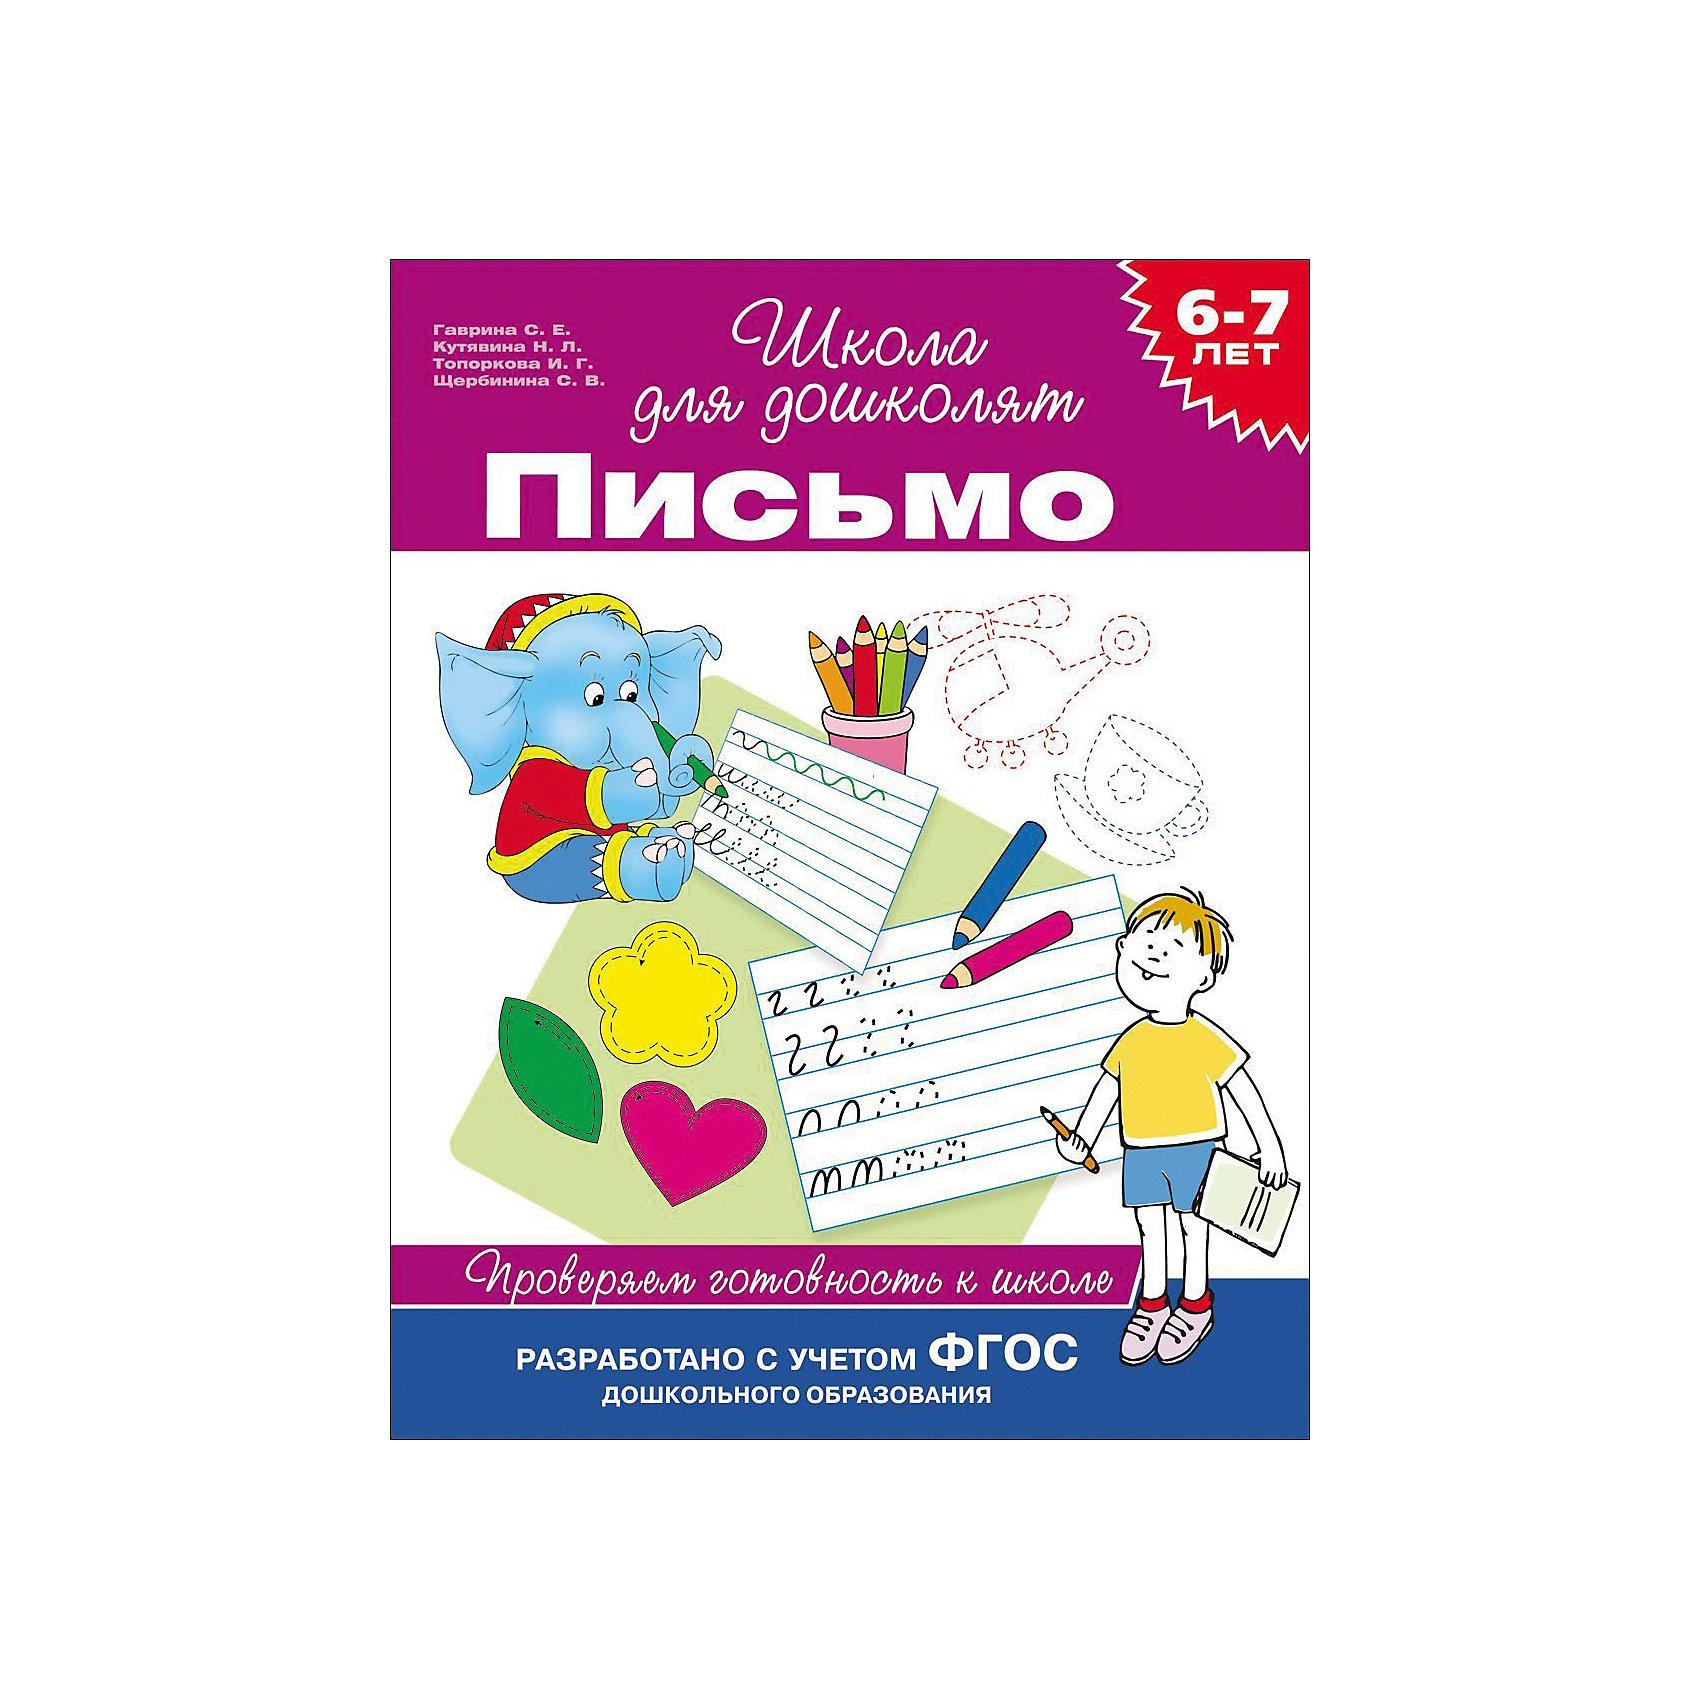 Письмо. Проверяем готовность к школеРосмэн<br>Характеристики товара:<br><br>- цвет: разноцветный;<br>- материал: бумага;<br>- страниц: 80;<br>- формат: 26 х 20 см;<br>- обложка: мягкая.<br><br>Проверить готовность ребенка к школе - легко! Это издание станет отличным помощником для родителей. Оно сделано по методике, с помощью которой они легко могут определить уровень развития ребенка и скорректировать его навыки перед походом в школу. Дети с удовольствием выполняют предложенные задания!<br>Прохождение тестов помогает ребенку развивать зрительную память, концентрацию внимания и воображение. Издание произведено из качественных материалов, которые безопасны даже для самых маленьких.<br><br>Издание Письмо. Проверяем готовность к школе от компании Росмэн можно купить в нашем интернет-магазине.<br><br>Ширина мм: 225<br>Глубина мм: 195<br>Высота мм: 5<br>Вес г: 160<br>Возраст от месяцев: 60<br>Возраст до месяцев: 84<br>Пол: Унисекс<br>Возраст: Детский<br>SKU: 5110213